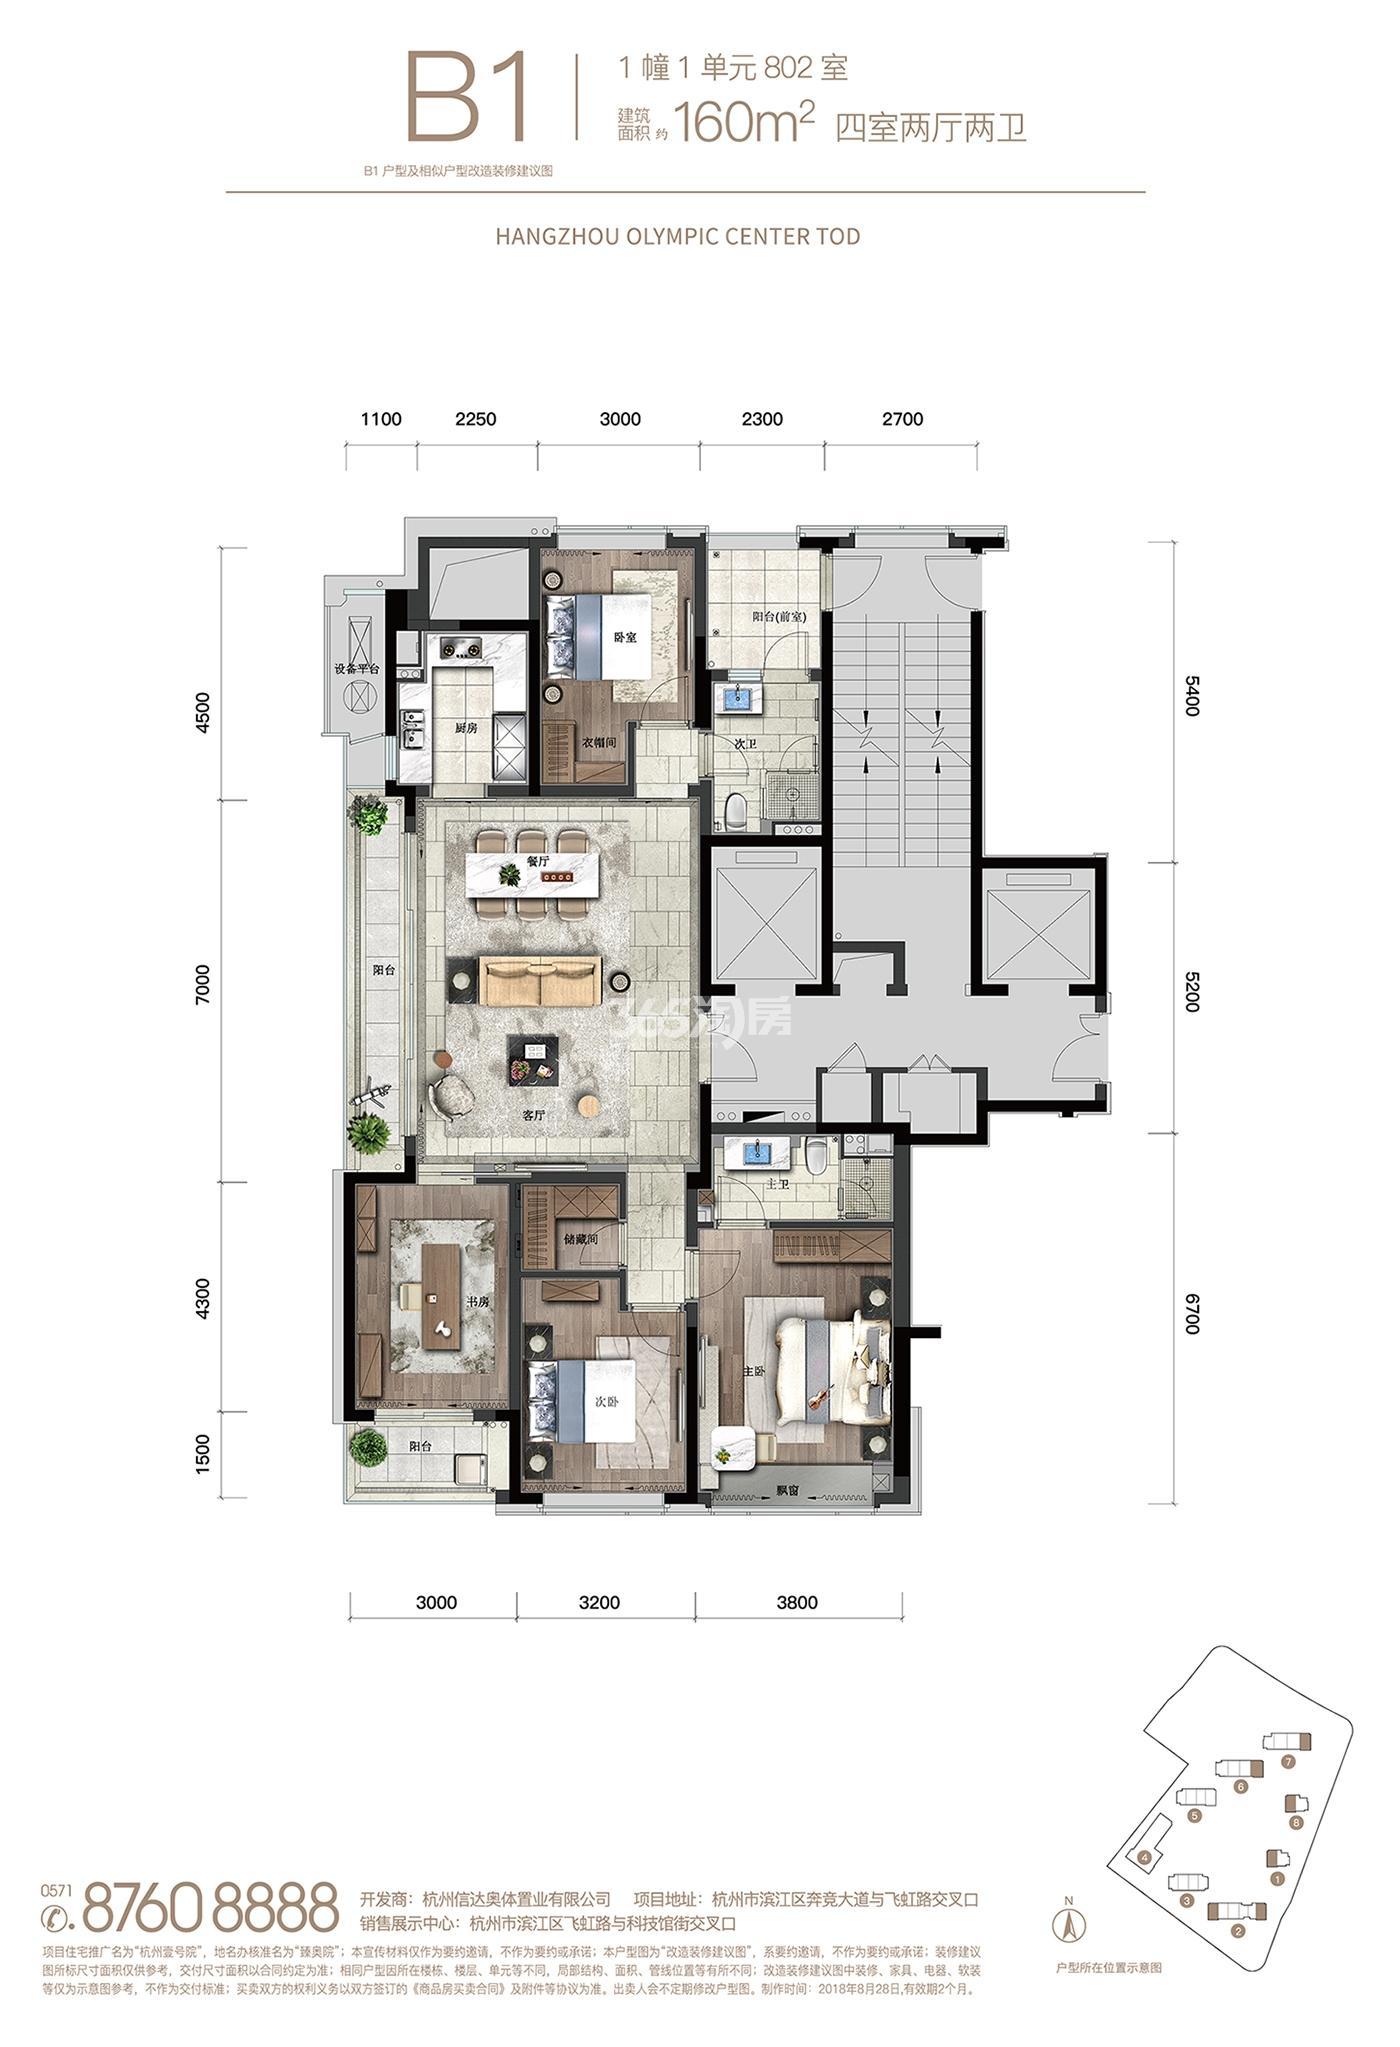 信达中心|杭州壹号院2号楼边套及1、8号楼西边套和6、7号楼东边套B1户型 约160㎡